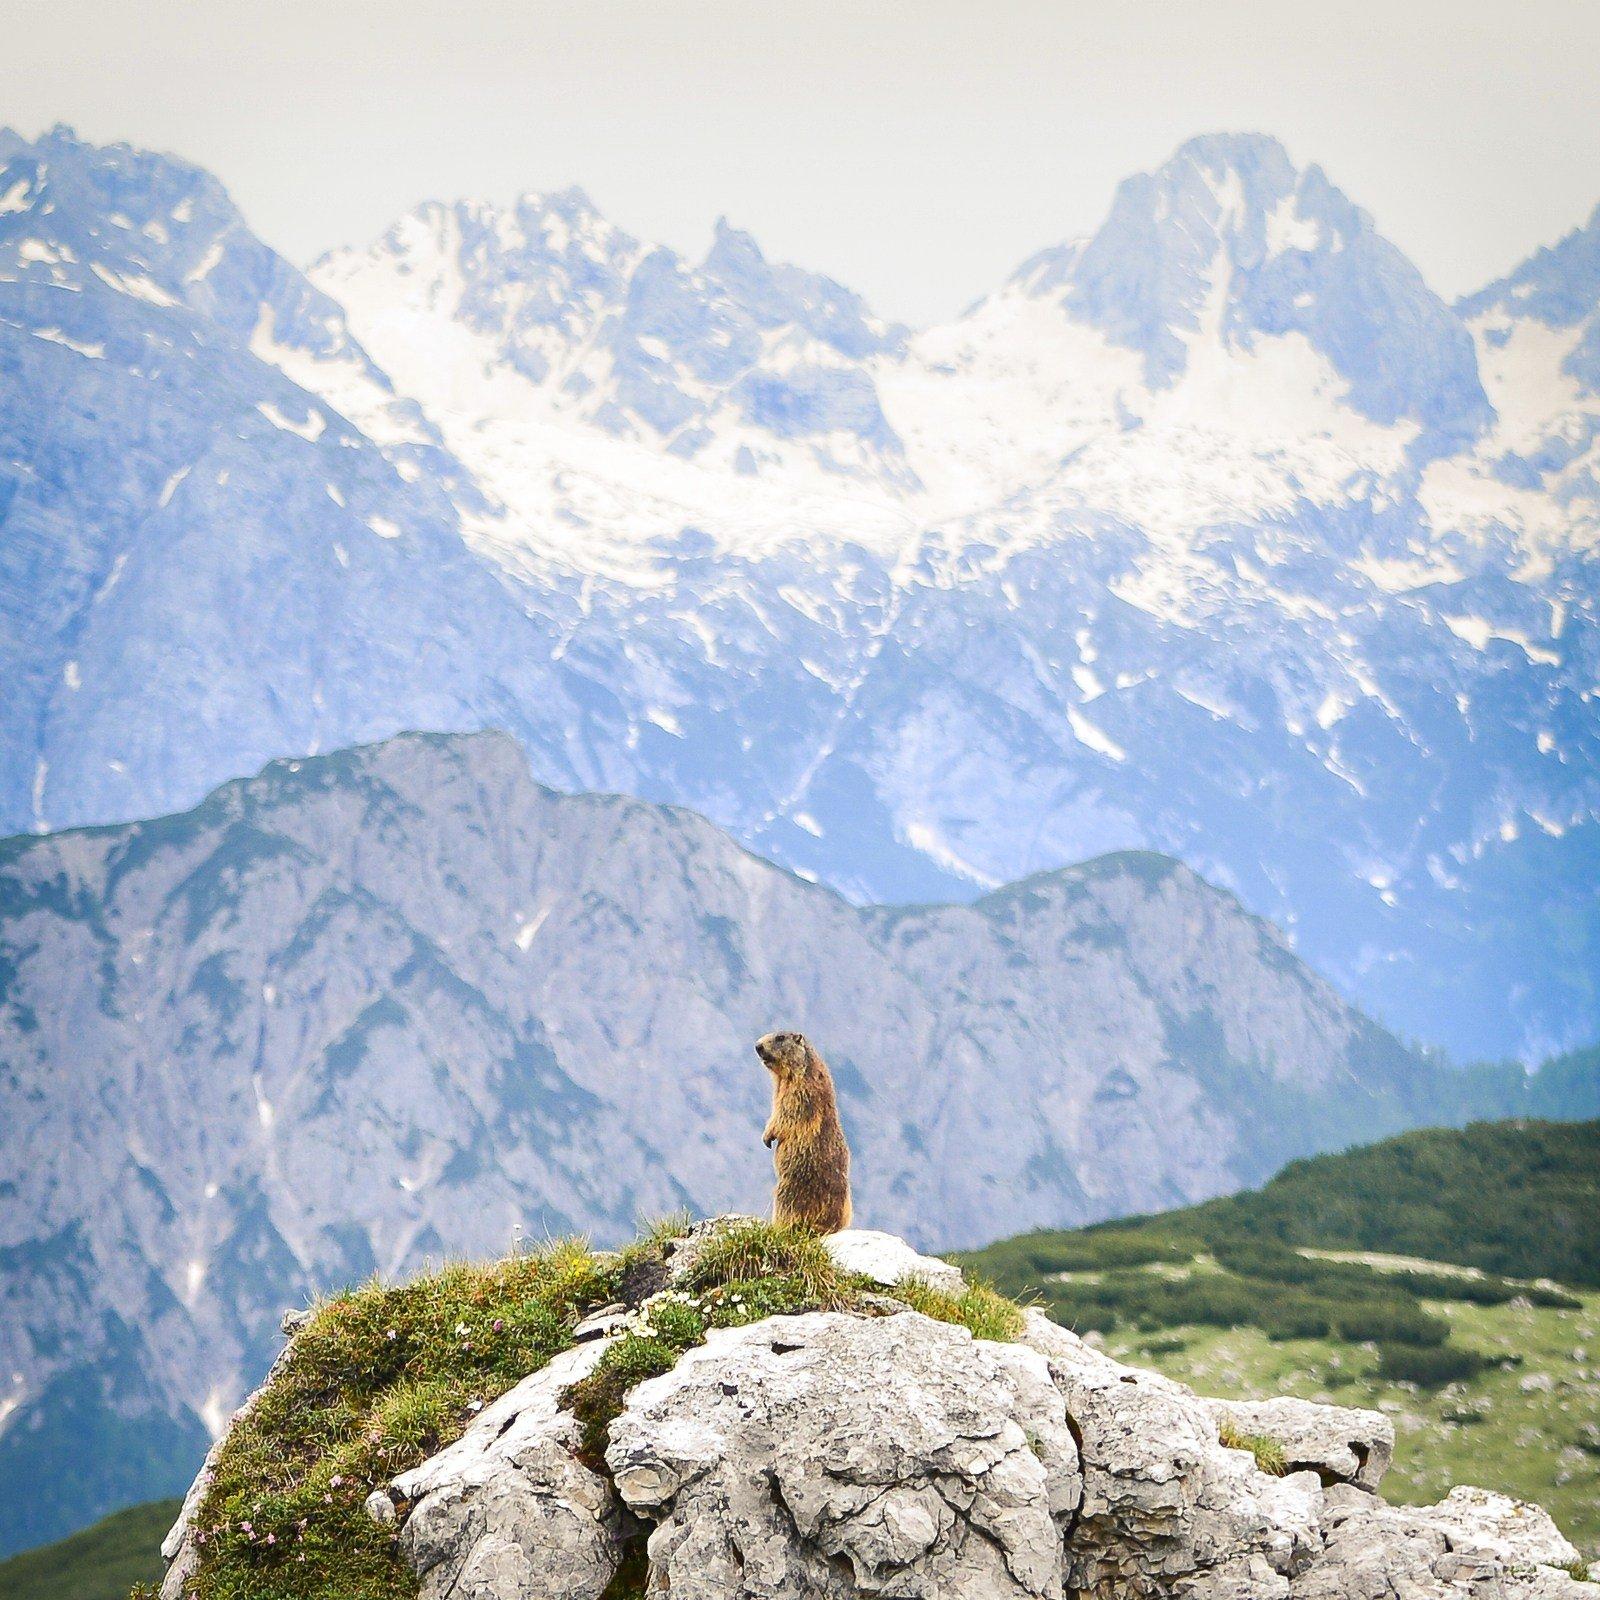 Marmotte à l'affut, Alpes Italiennes Parco naturale Tre Cime